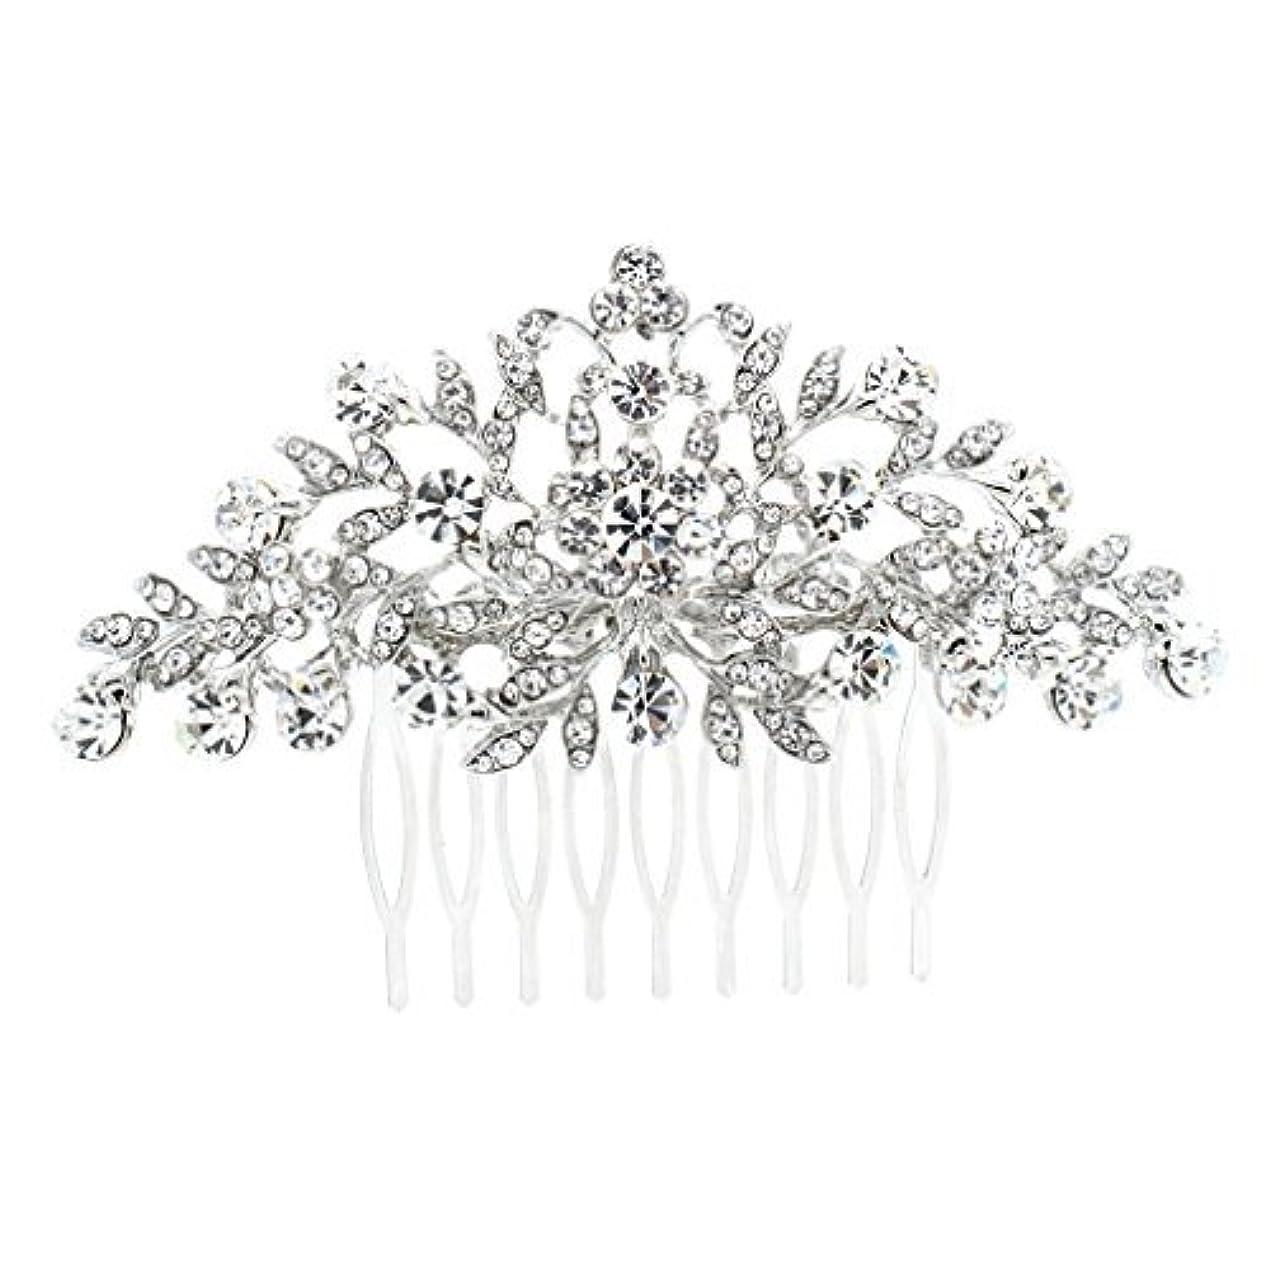 展開する王朝欠員SEPBRDIALS Rhinestone Crystal Hair Comb Pins Women Wedding Hair Jewelry Accessories FA2944 (Silver) [並行輸入品]